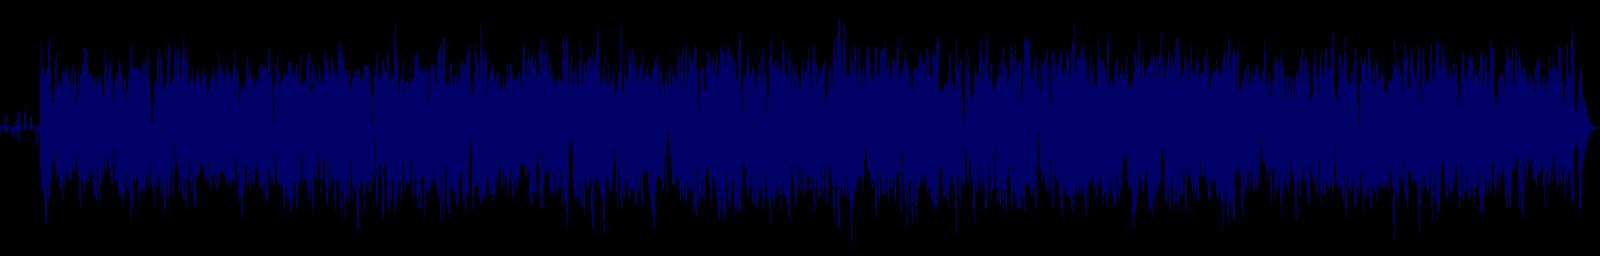 waveform of track #106210